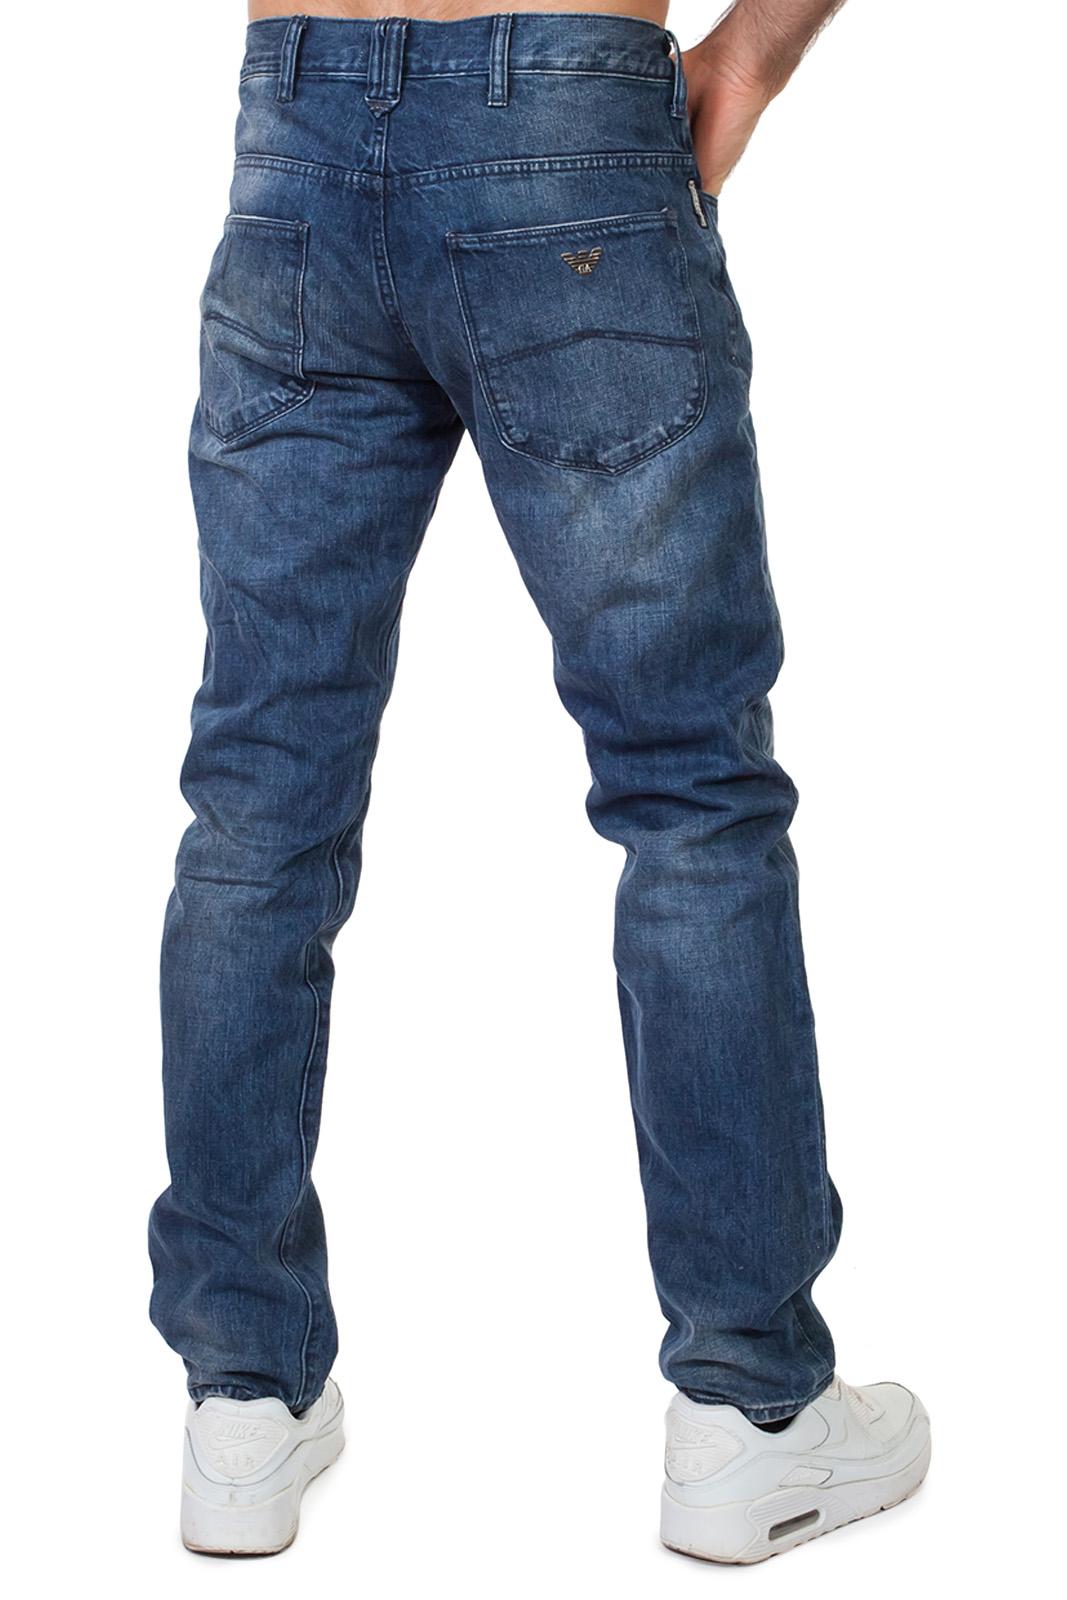 Купить недорого оригинальные джинсы Армани